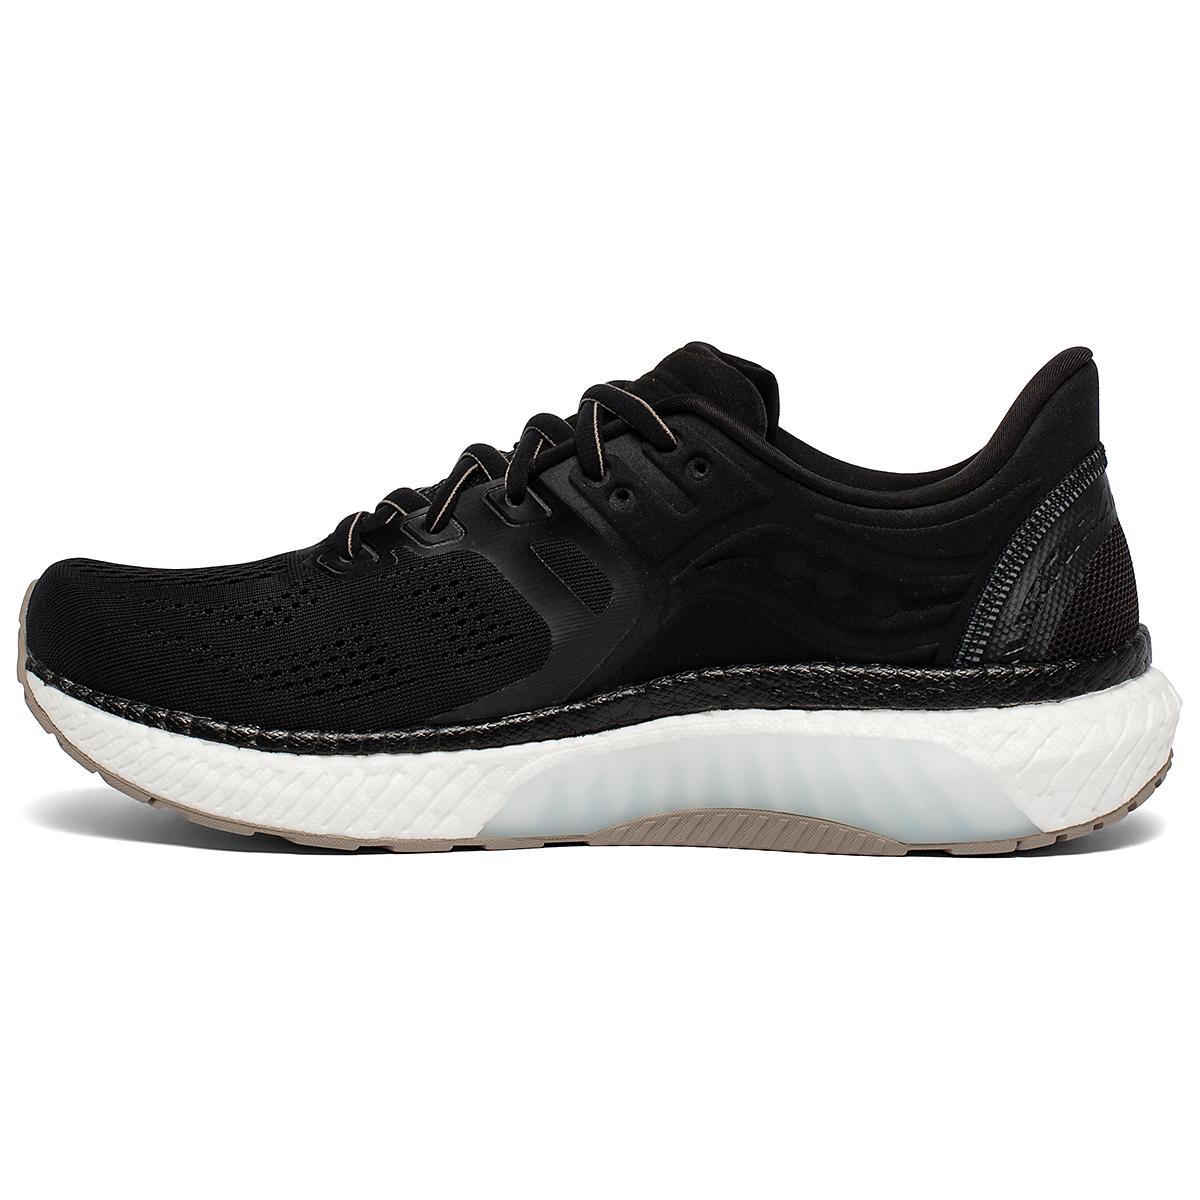 Men's Saucony Hurricane 23 Running Shoe - Color: Black/Vizigold - Size: 7 - Width: Regular, Black/Vizigold, large, image 2